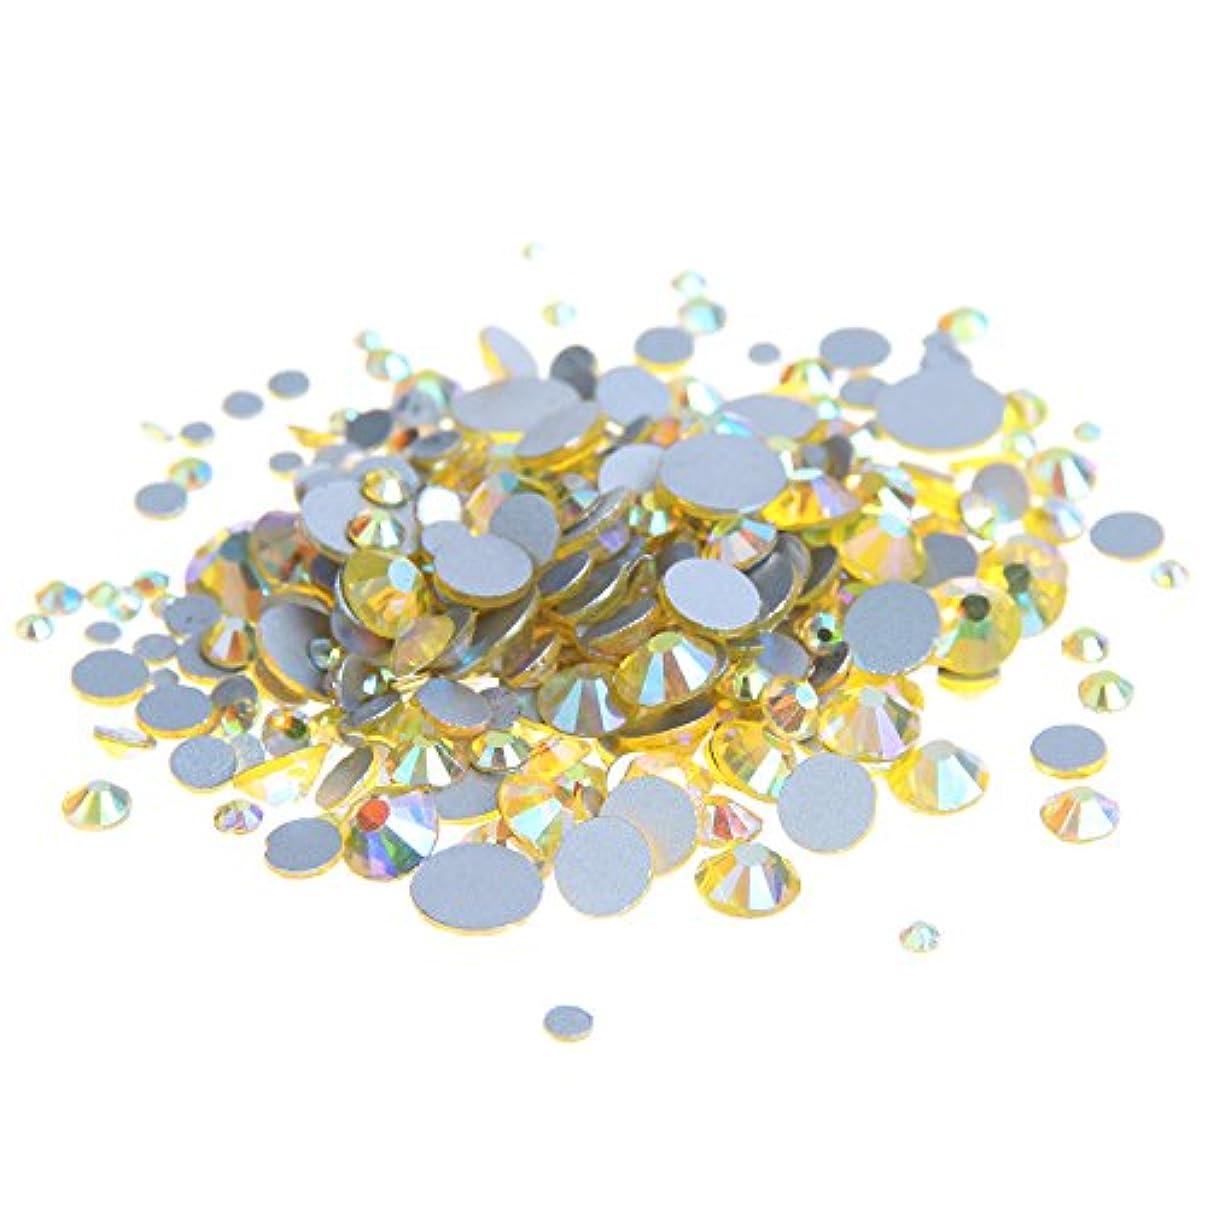 ヤング平和的枯れるNizi ジュエリー ブランド シトリンオーロラ ラインストーン は ガラスの材質 ネイル使用 型番ss3-ss30 (SS20 1440pcs)